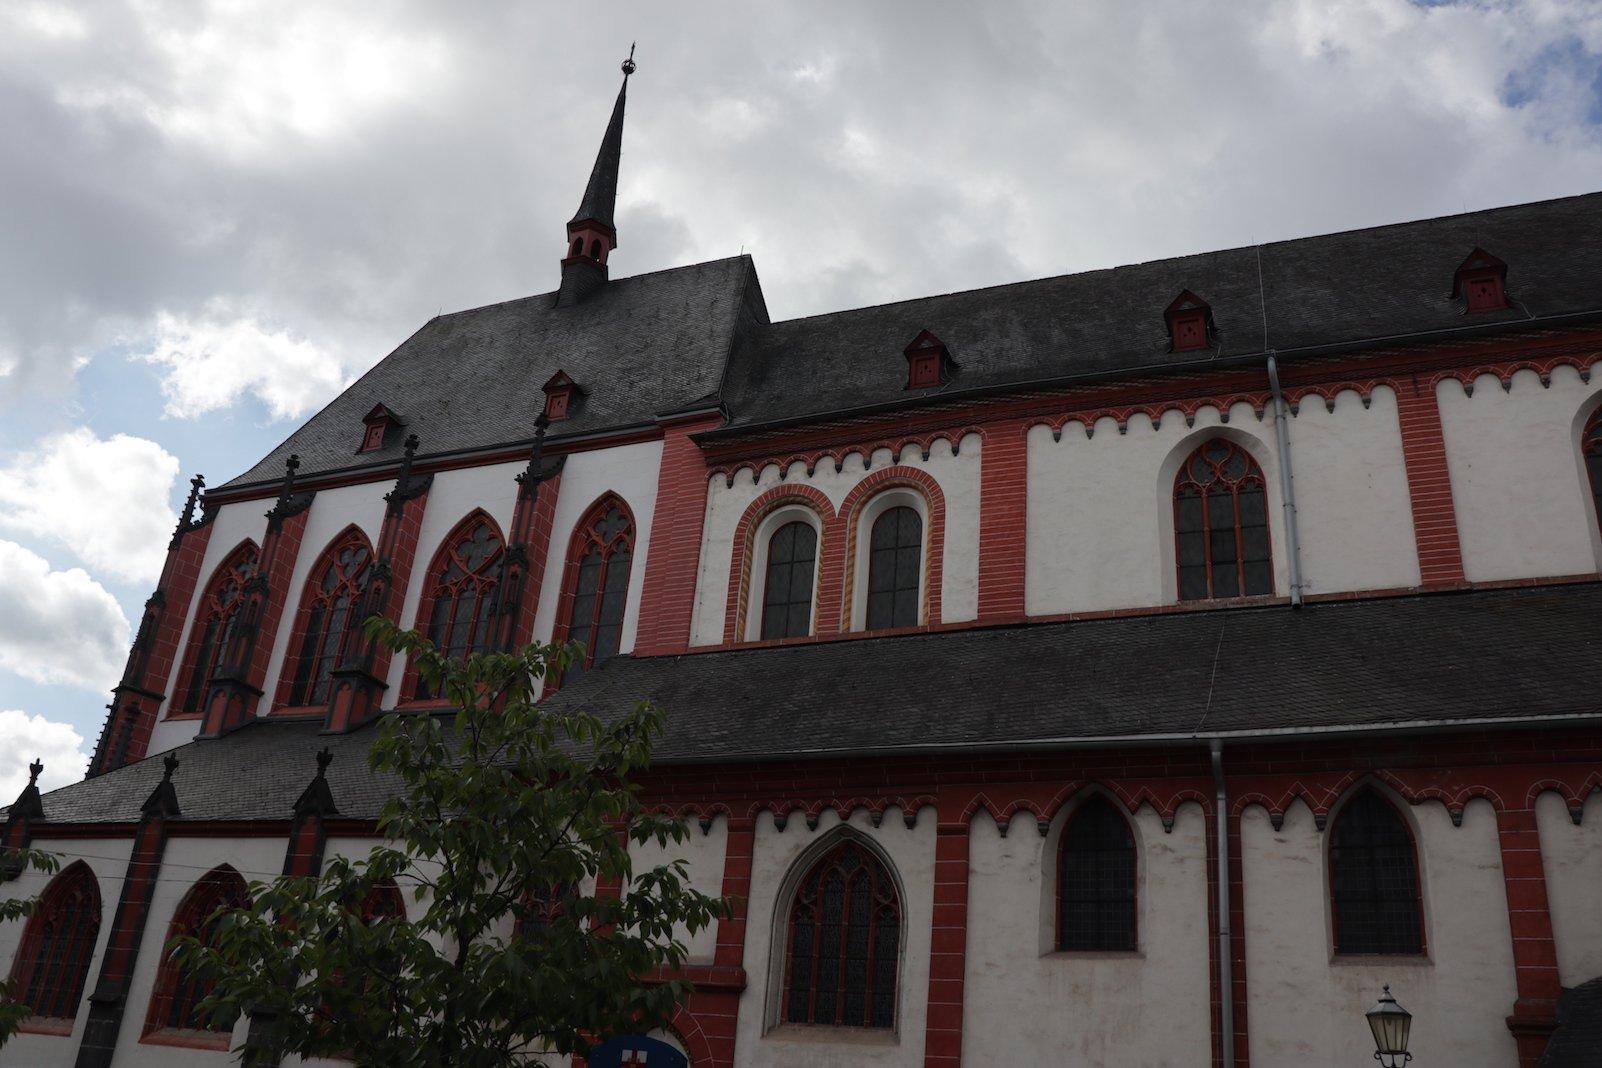 Liebfrauenkirche in Koblenz von außen